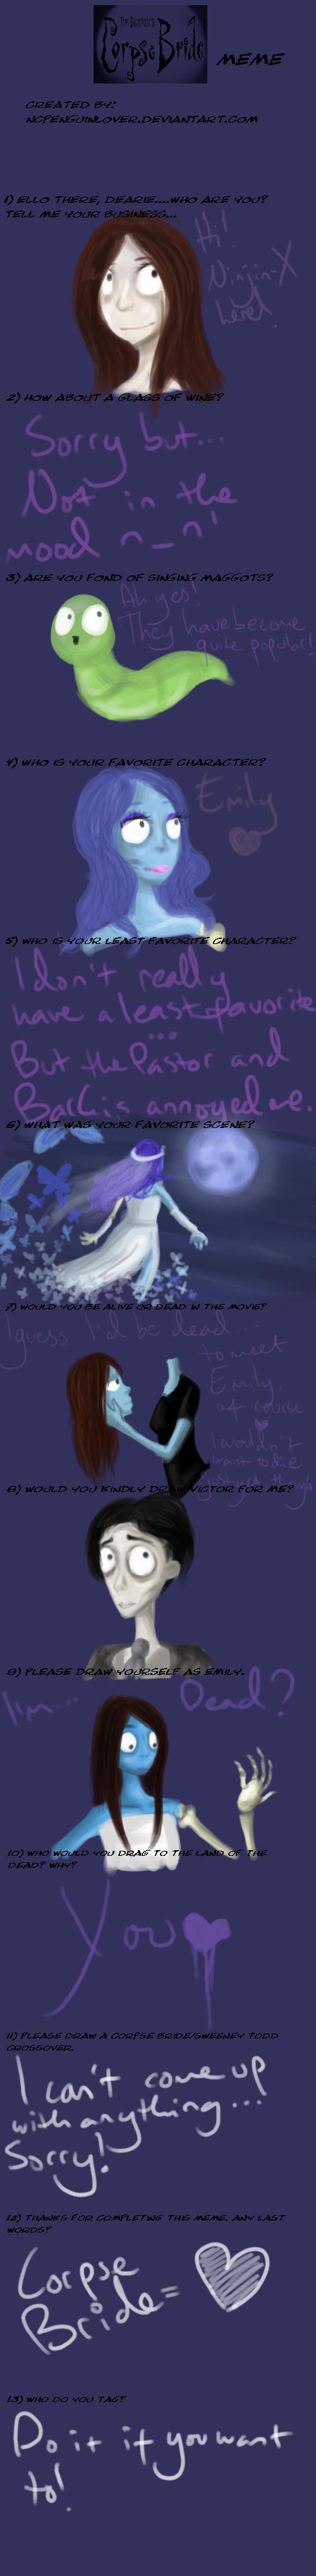 Corpse Bride Meme By Ninjin X On Deviantart